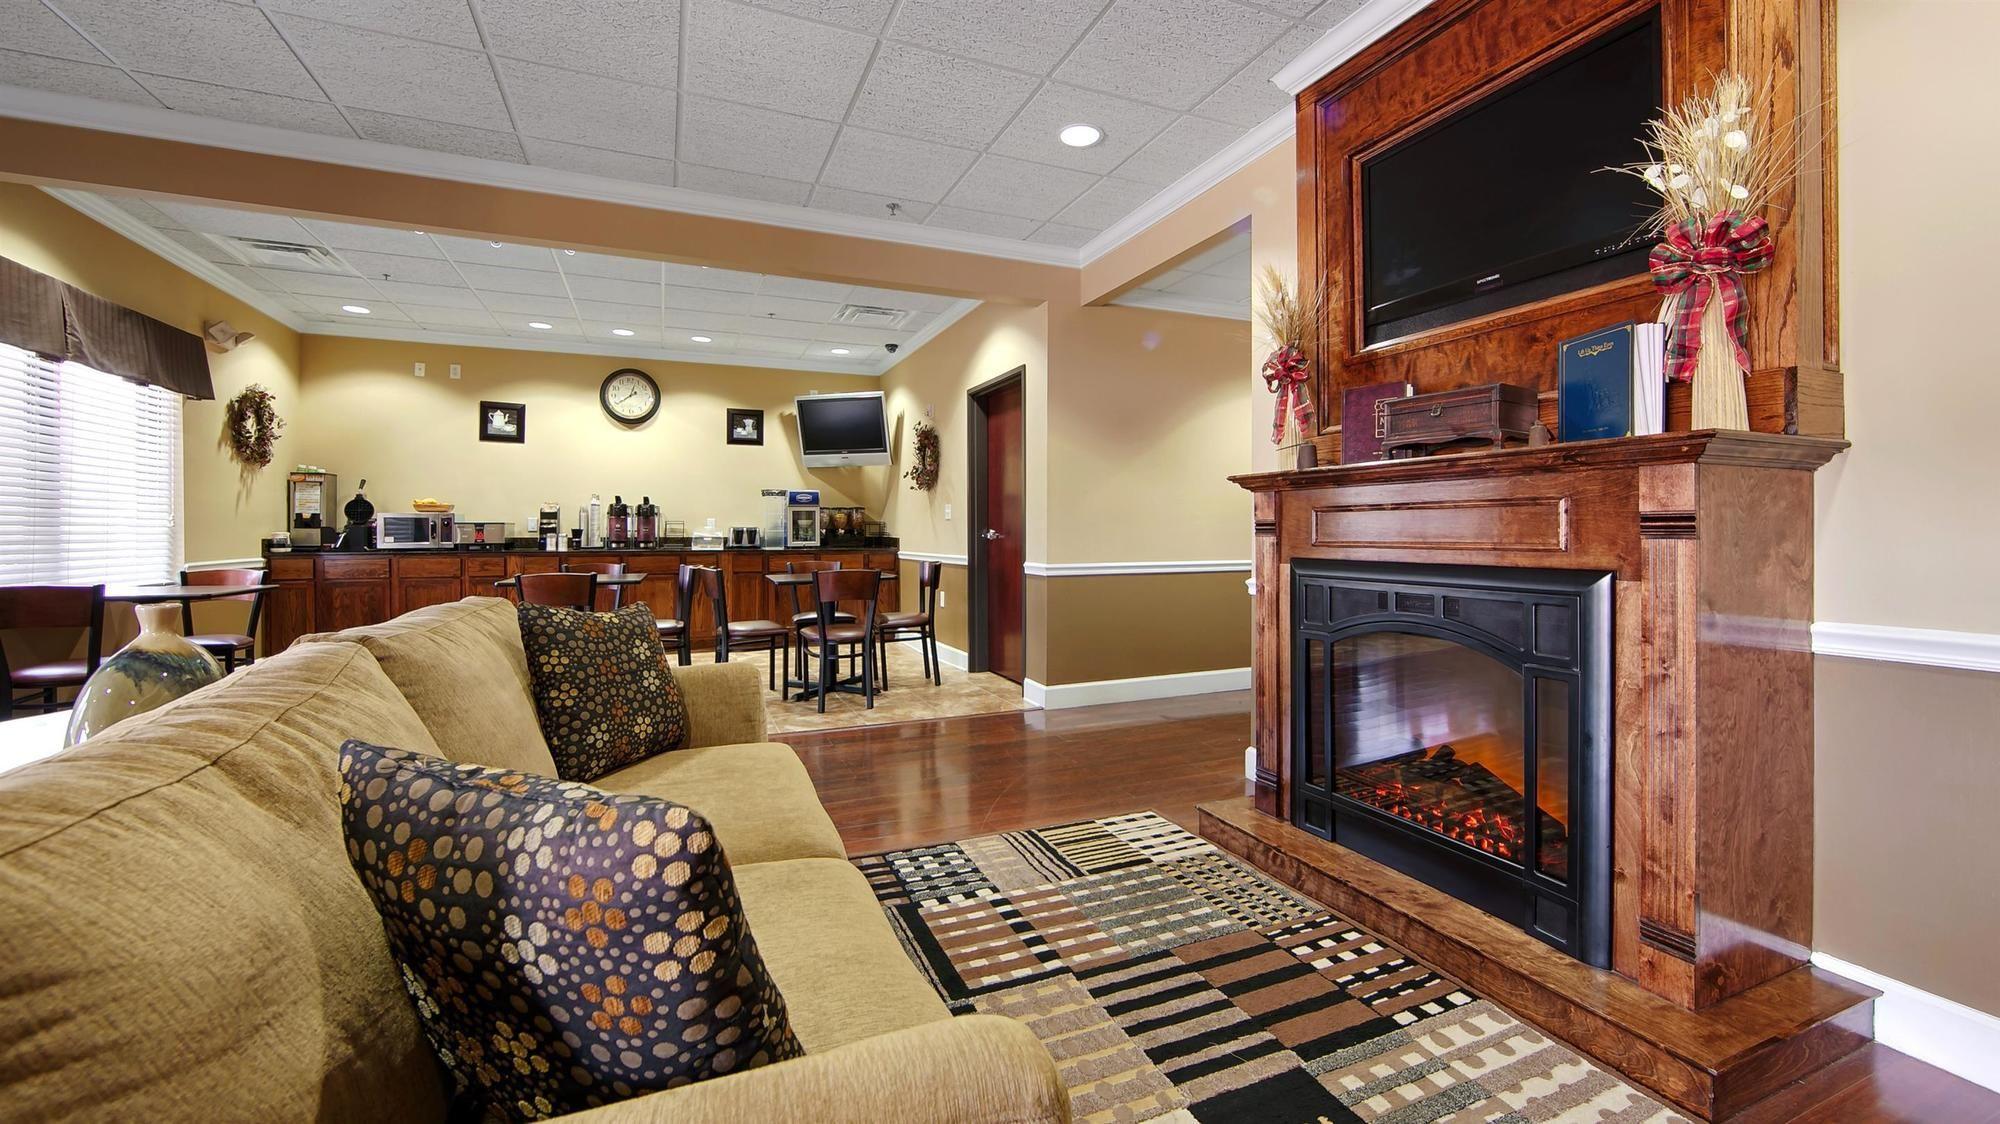 Best Western Opp Inn in Opp, AL